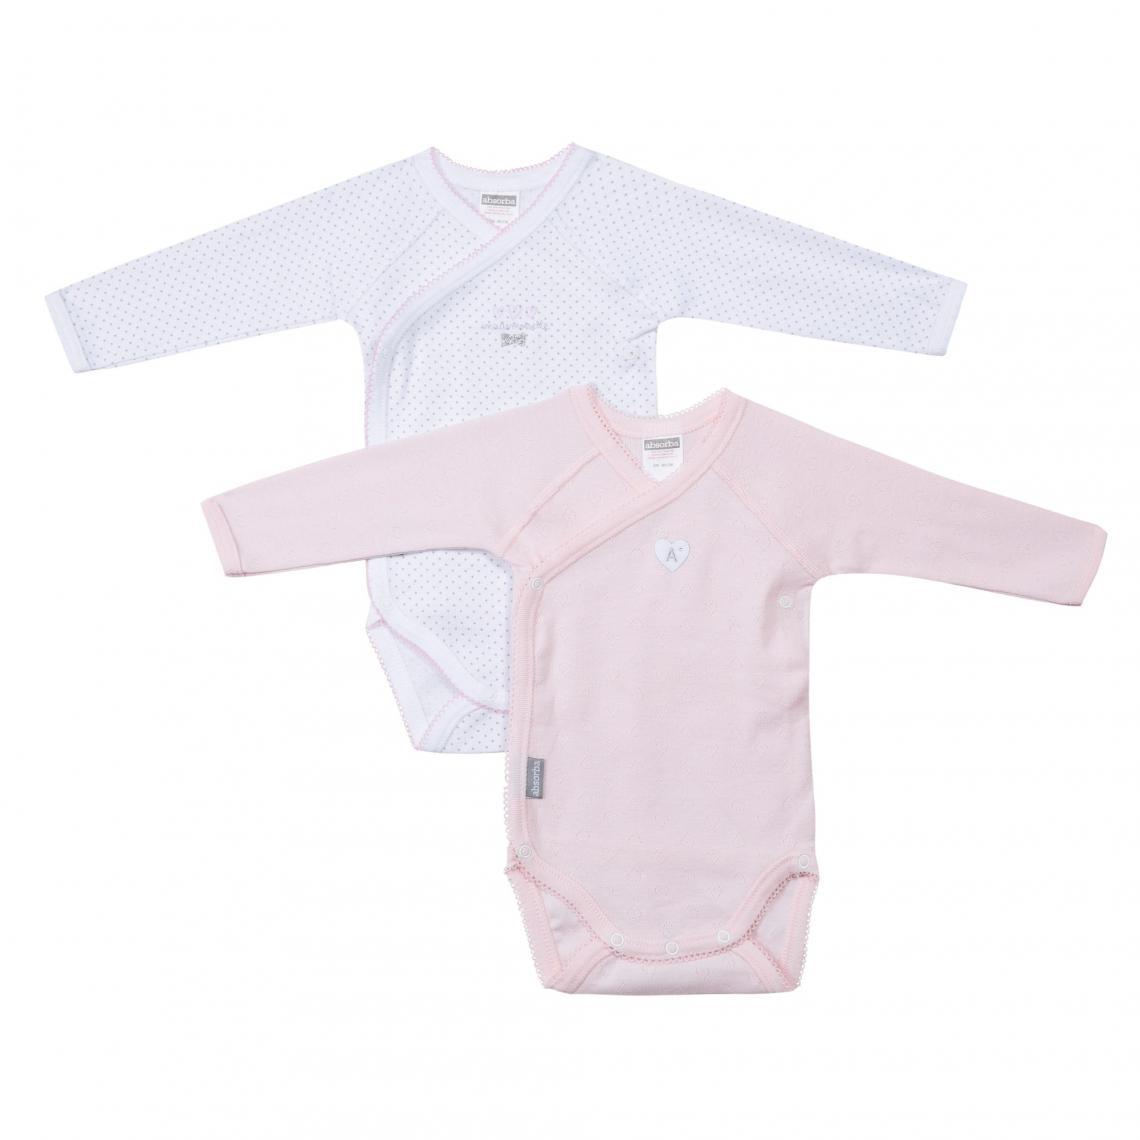 Lot de 2 bodies croisés manches longues bébé fille Absorba - Blanc - Rose Absorba  Enfant d8edf27f926